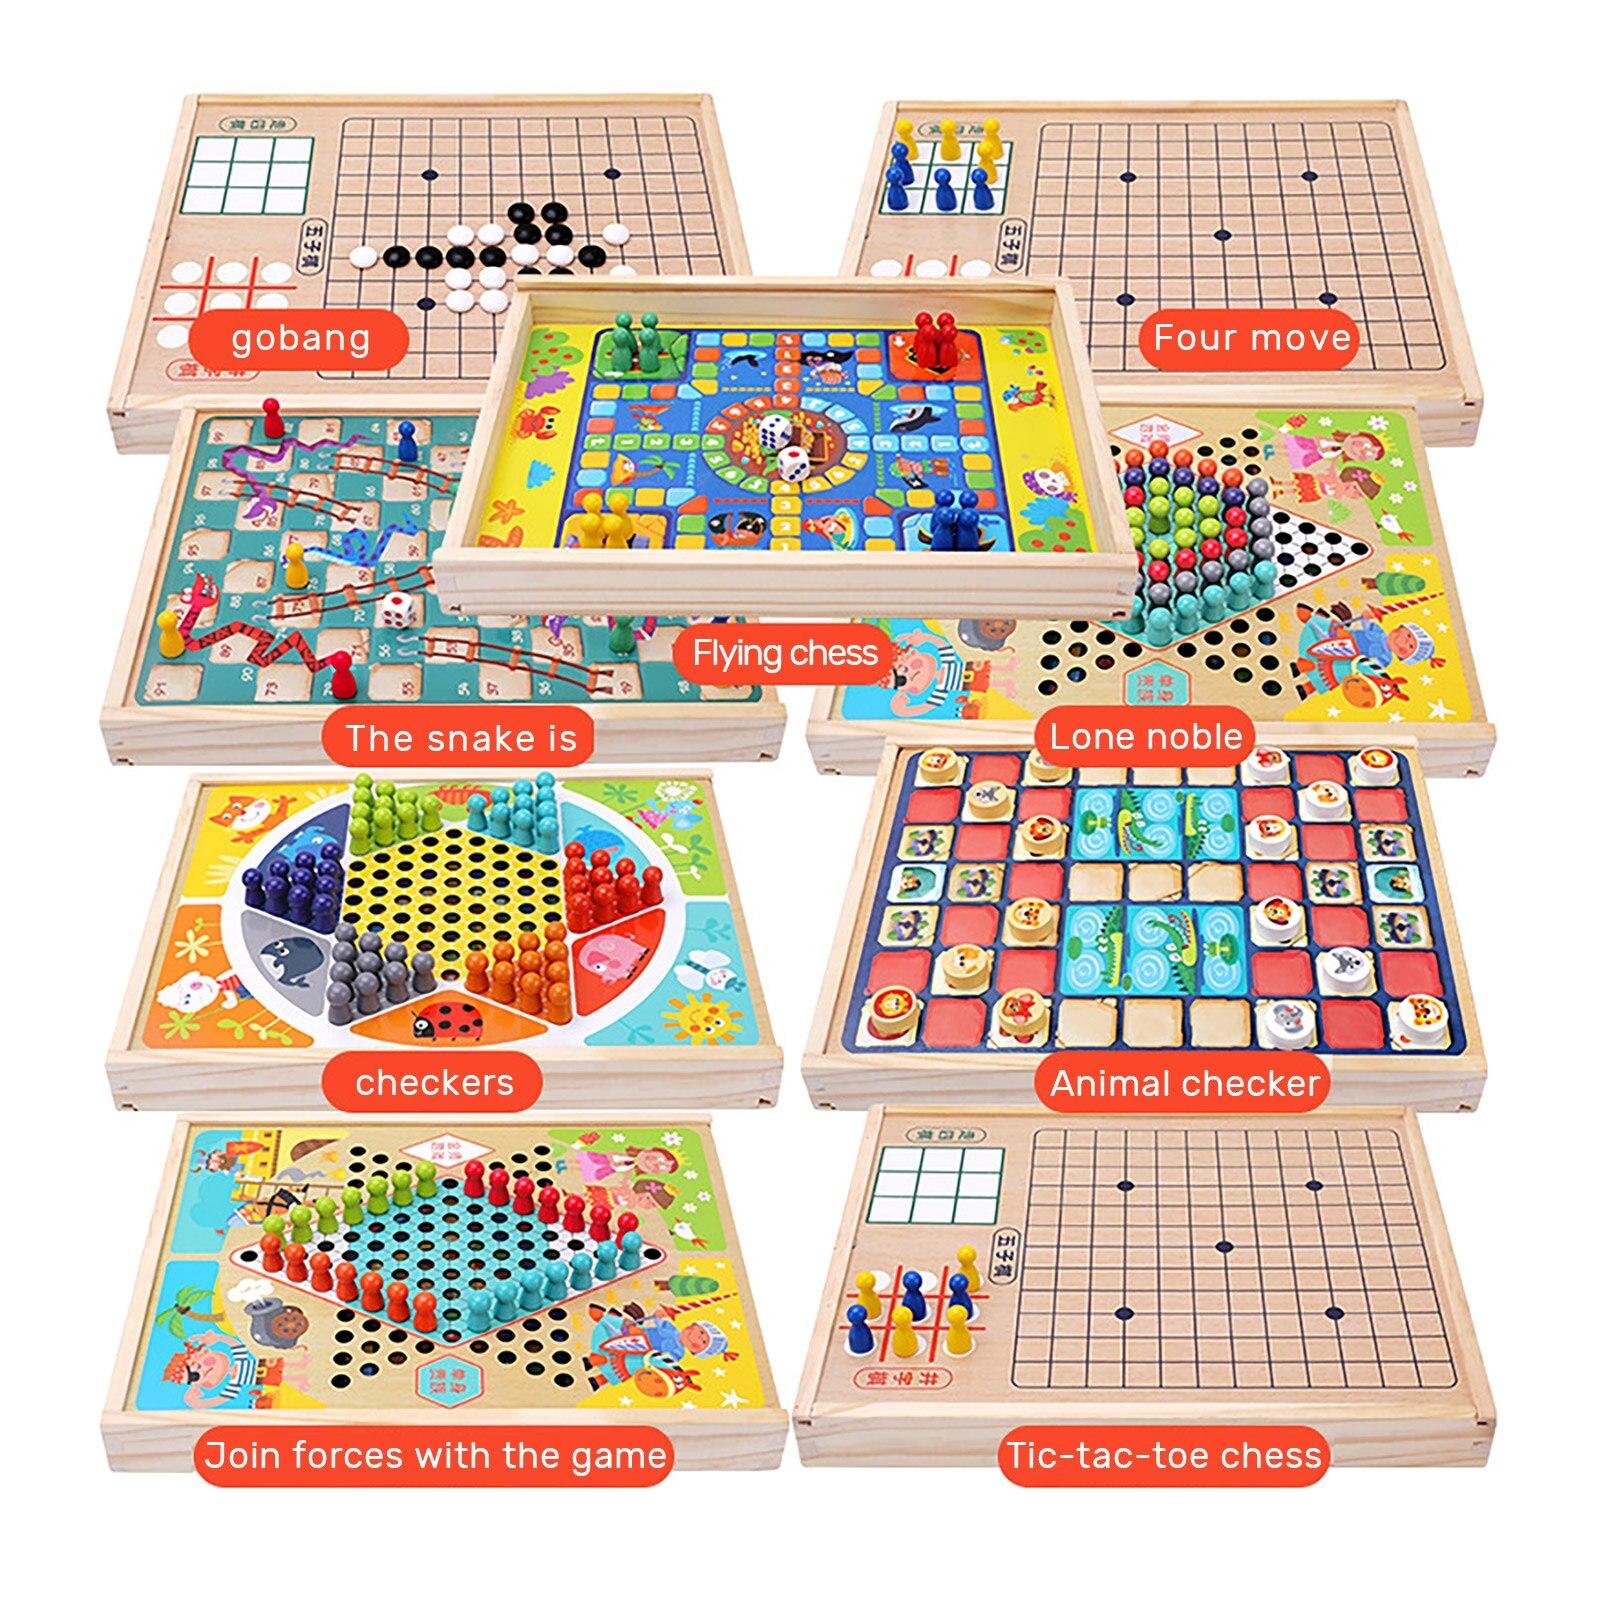 Настольная игра, шахматы 9 в 1, портативные деревянные летающие шашки, катапульта, змеи и лестницы, игра-пазл, настольная игра, набор игрушек